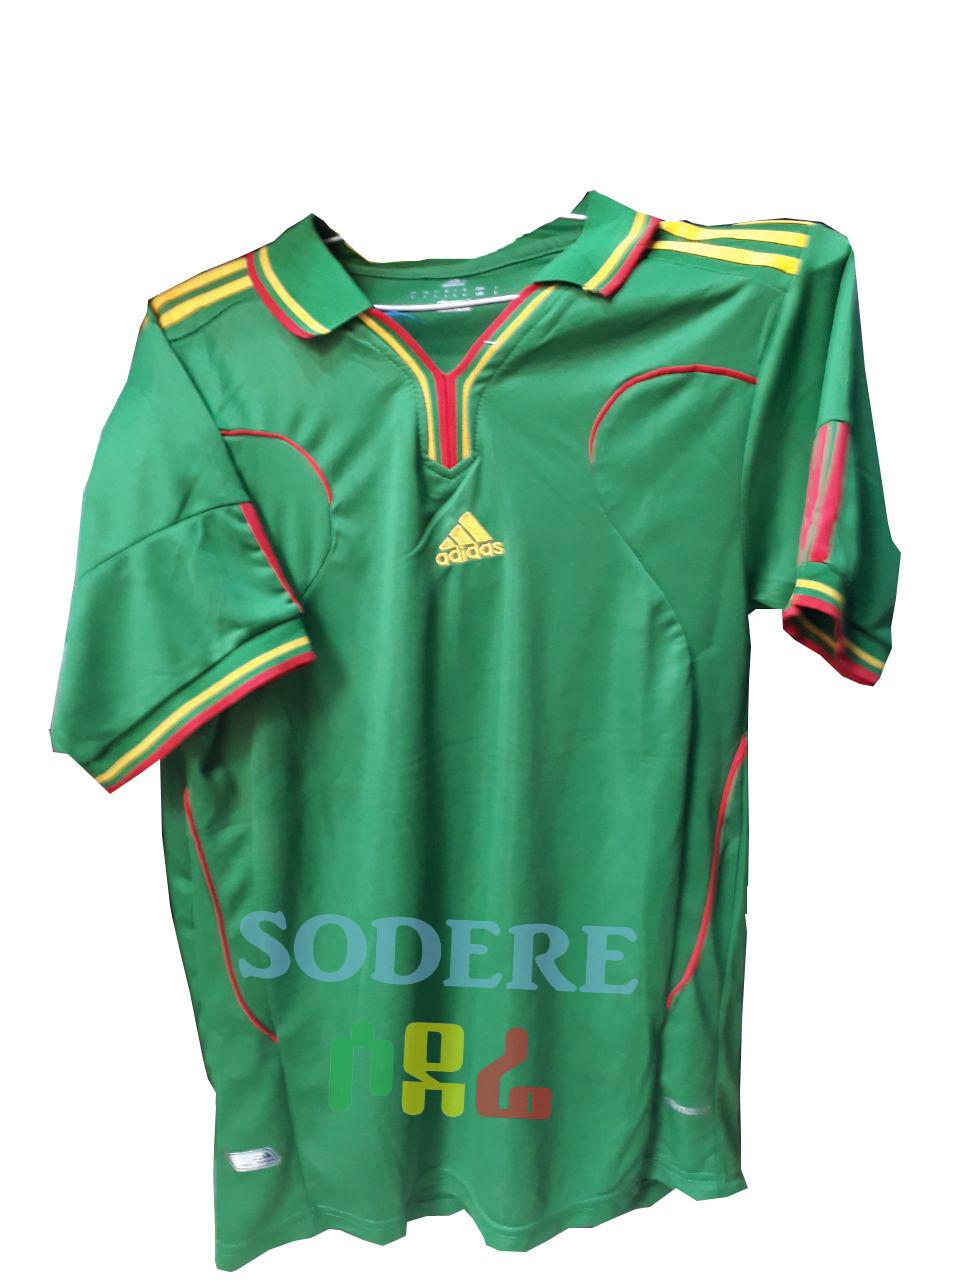 የኢትዮጲያ ማልያ ቲሸርት Ethiopian T_shirt